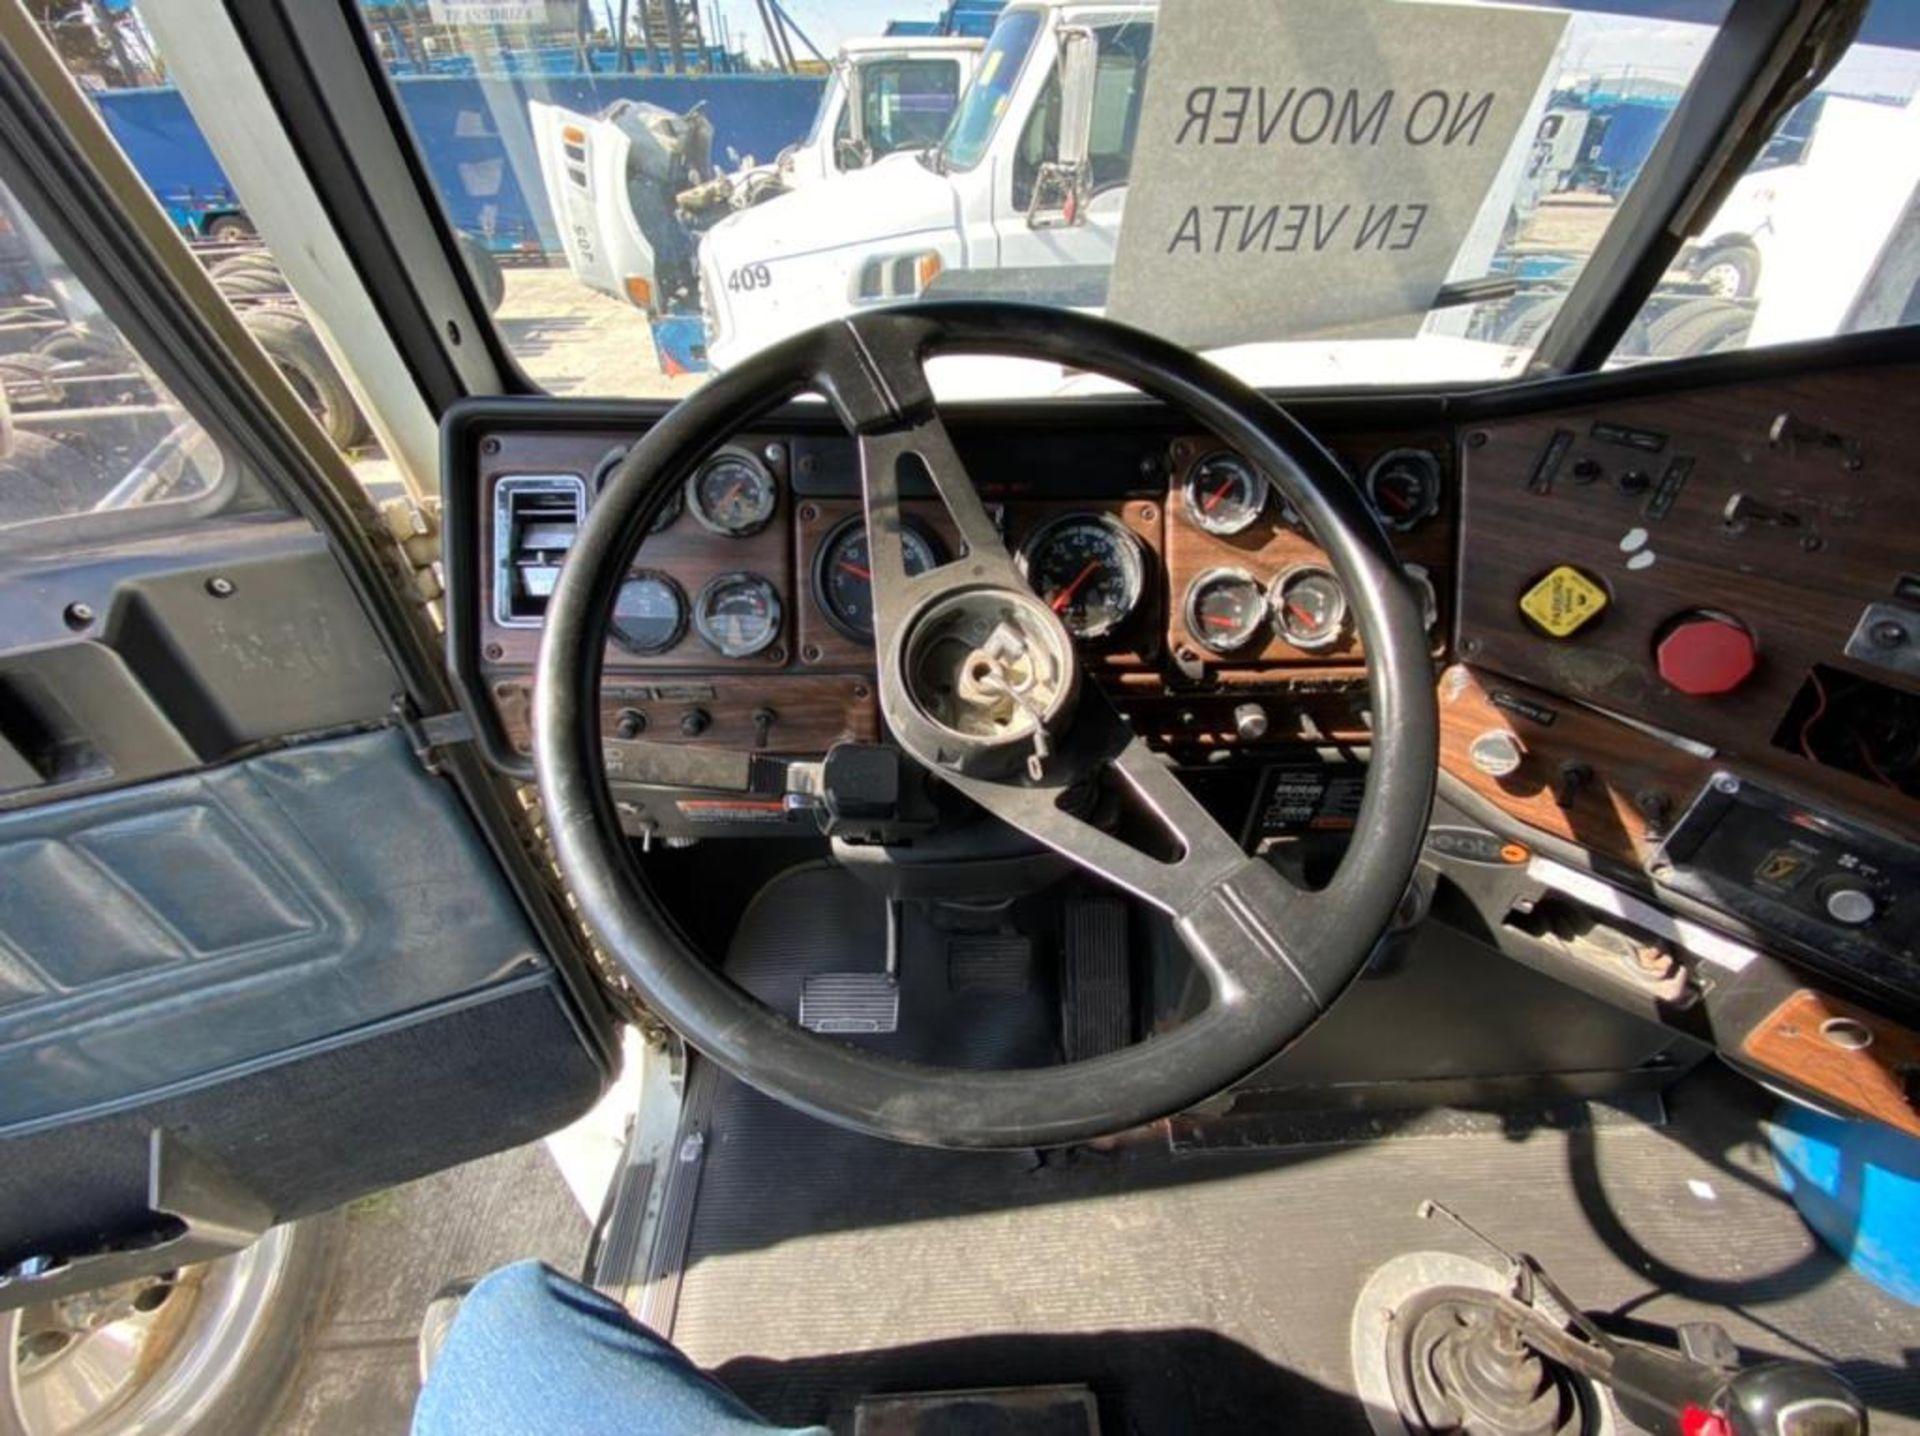 Tractocamión Marca FREIGHTLINER Fld-120, Modelo 1999 - Image 30 of 35